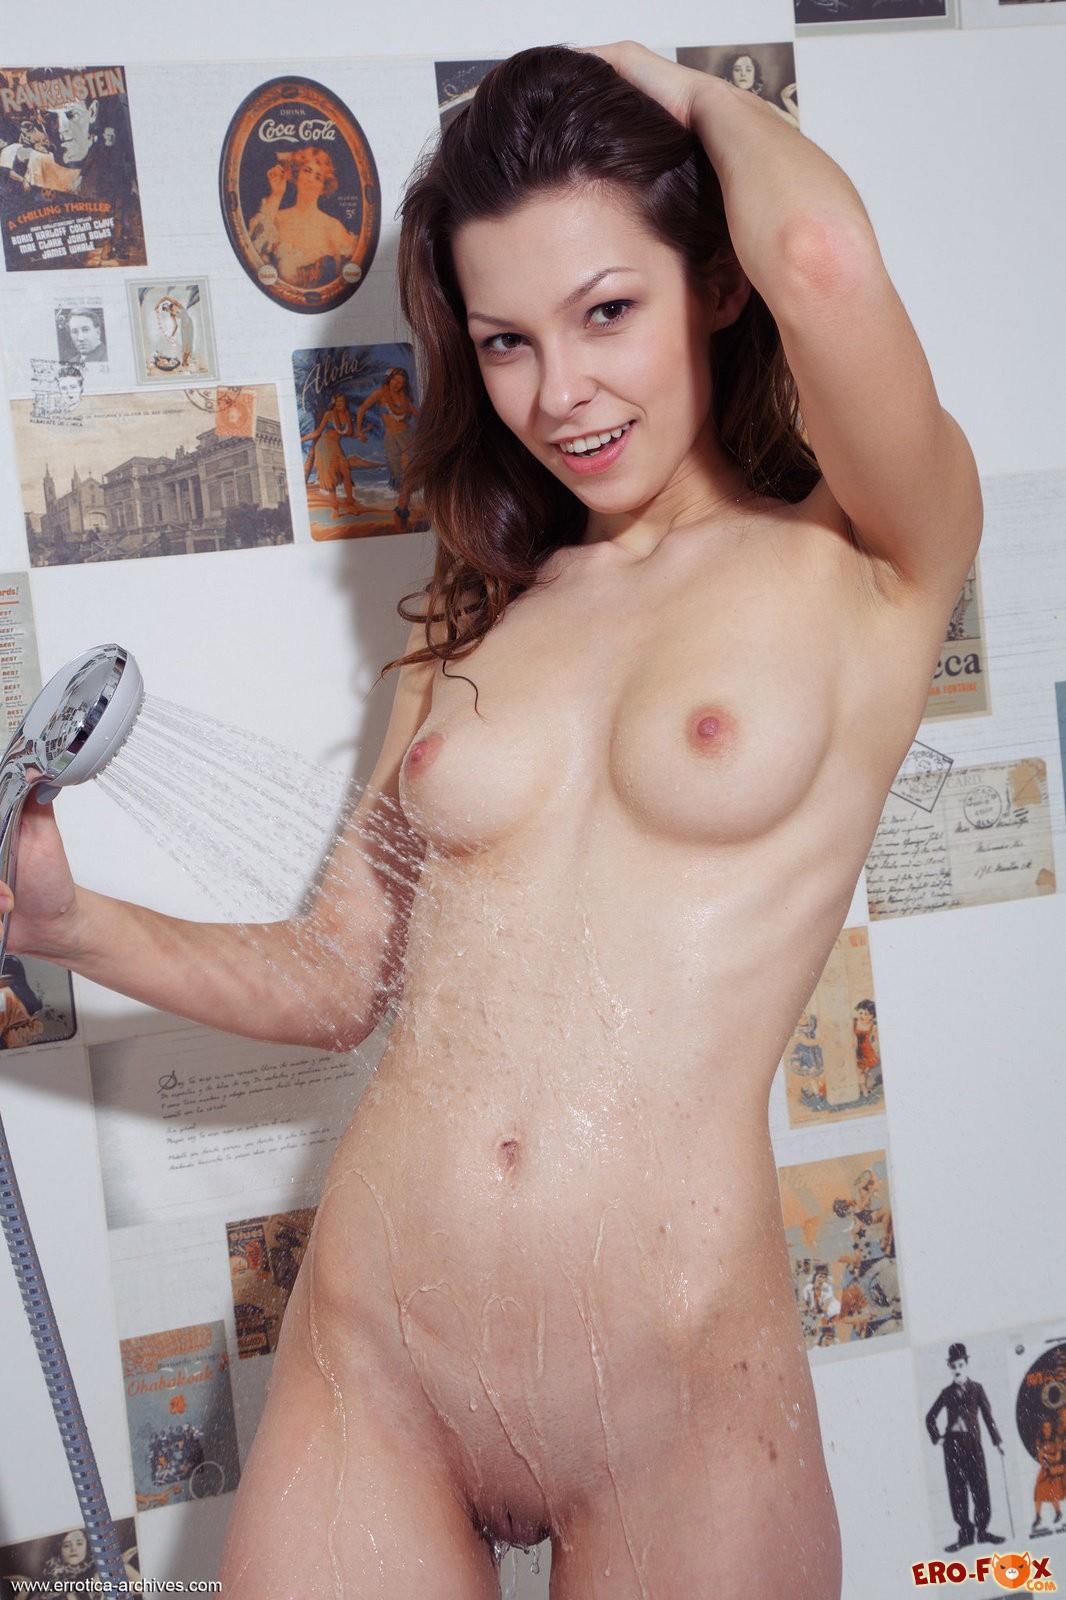 Голая жена позирует в ванной .